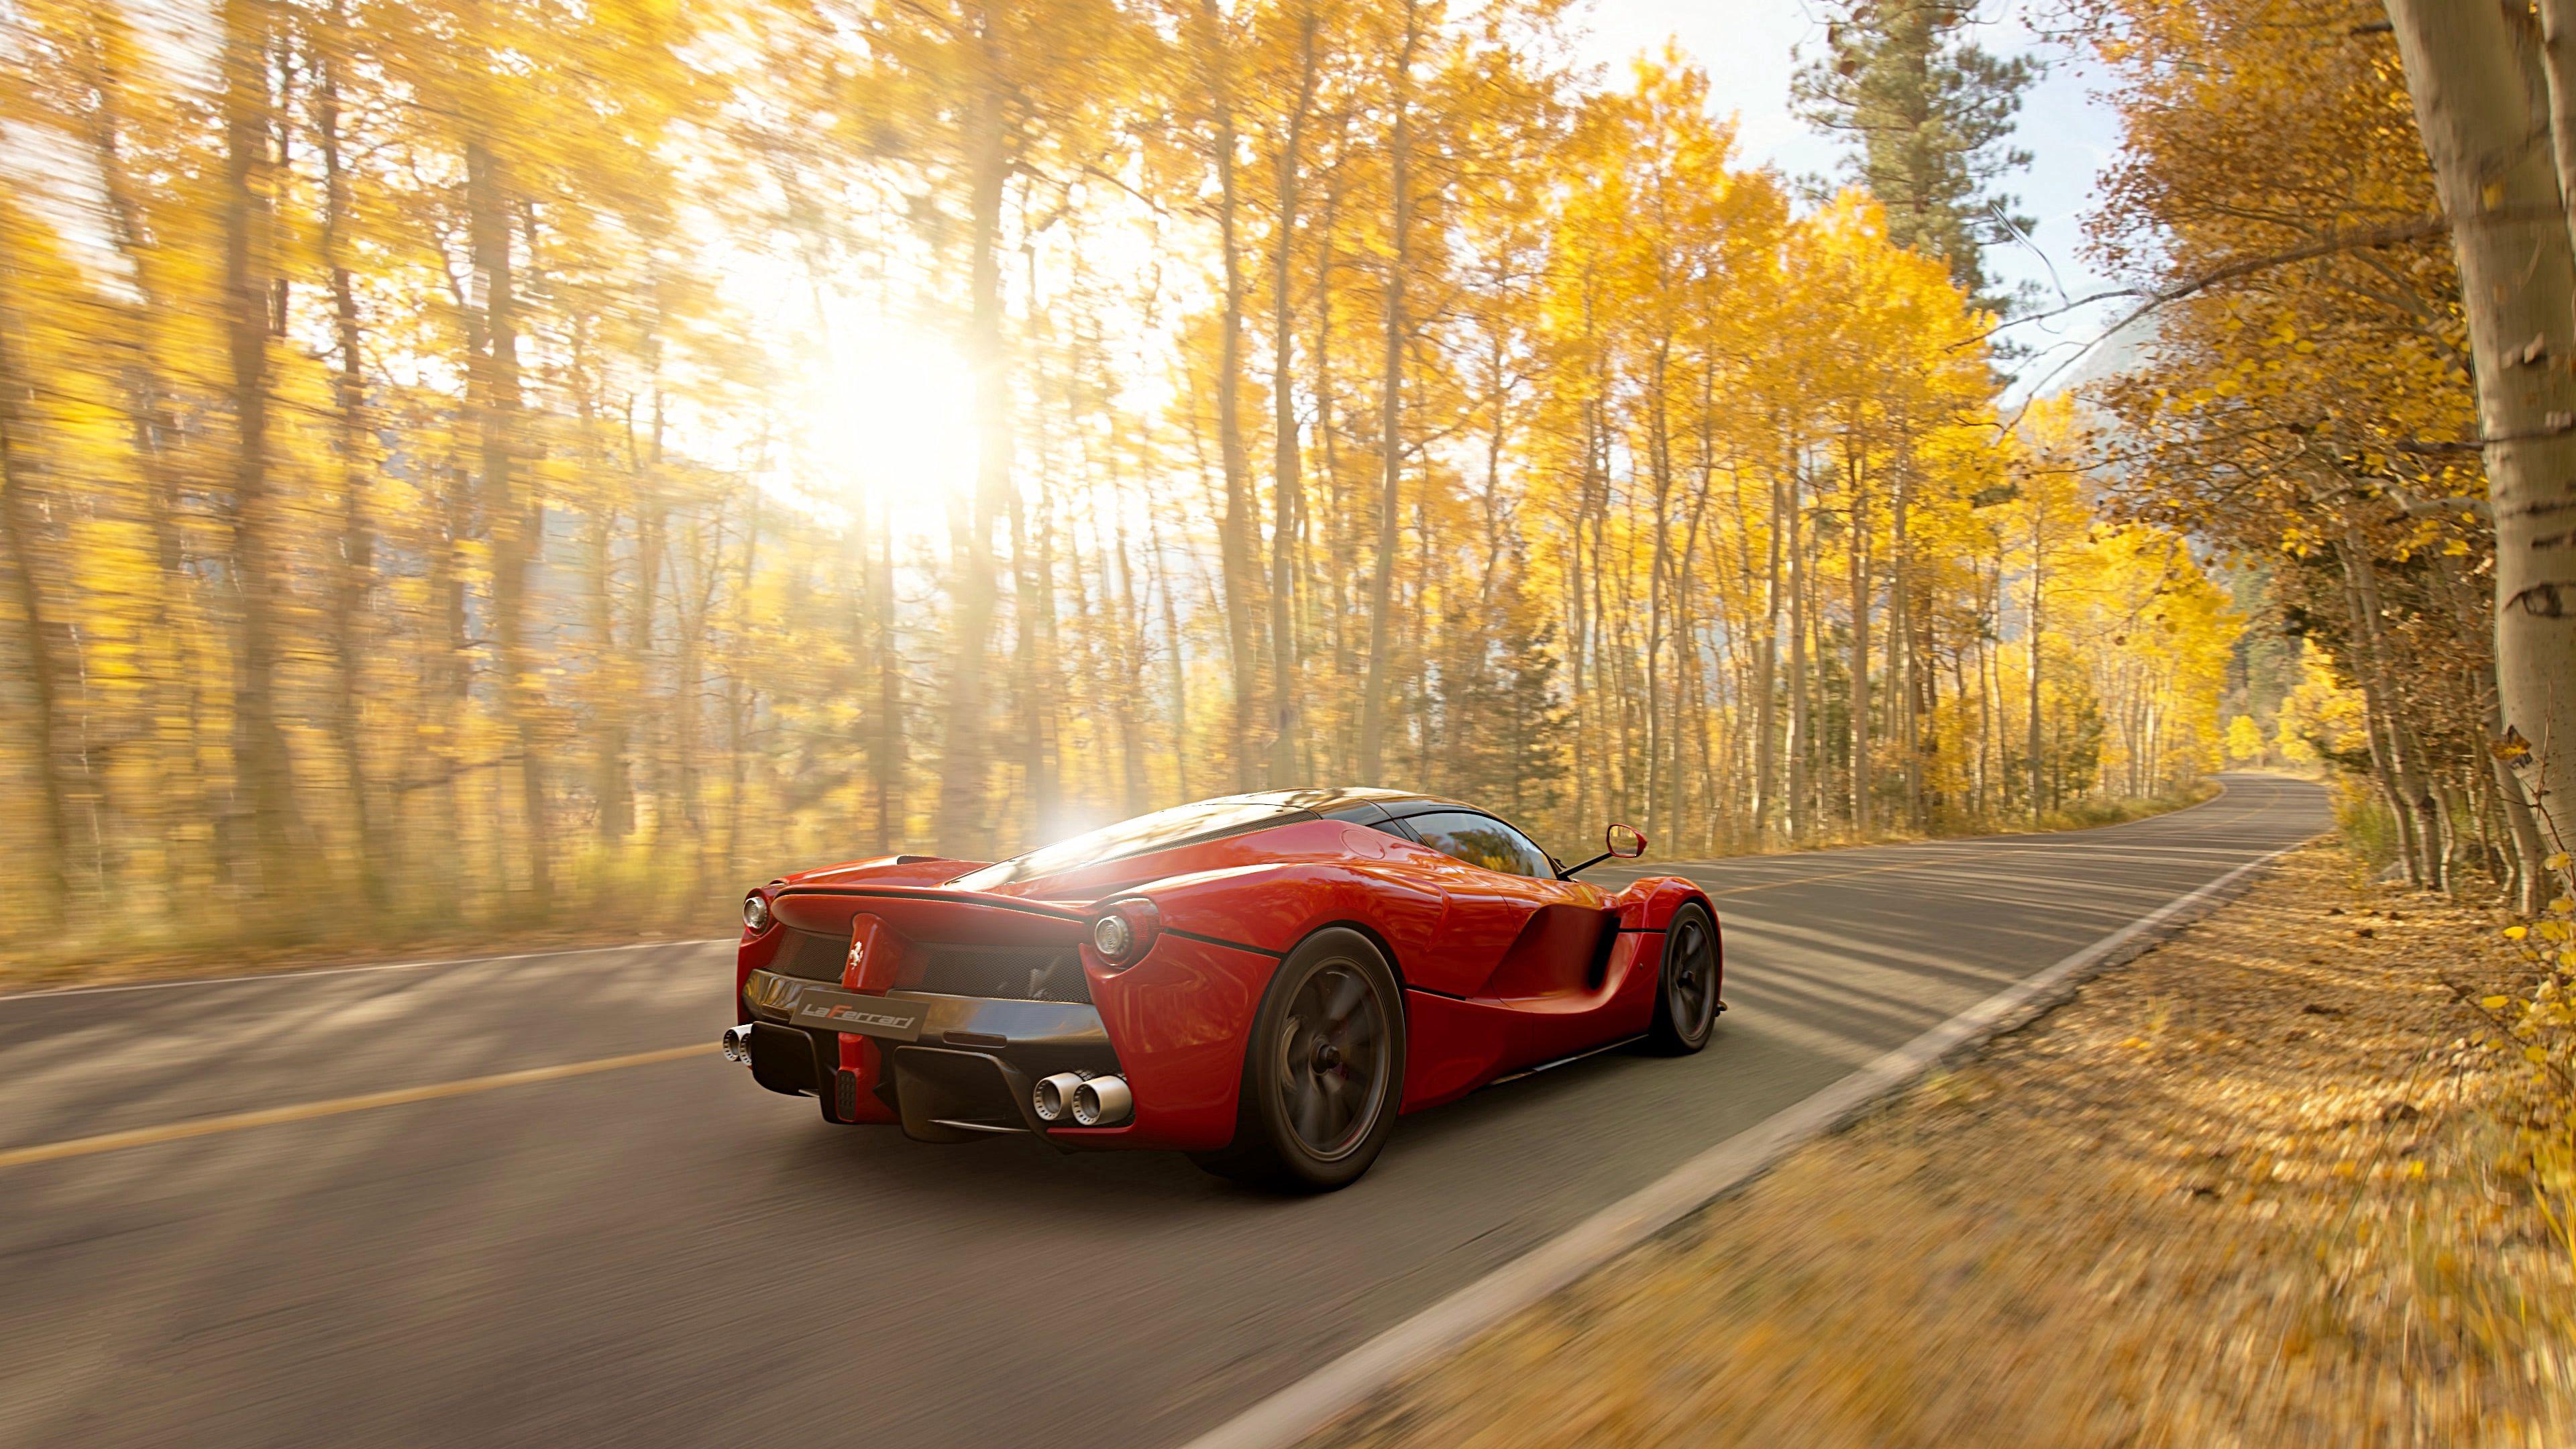 65138 скачать обои Феррари (Ferrari), Тачки (Cars), Дорога, Красный, Машина, Спорткар, Скорость - заставки и картинки бесплатно